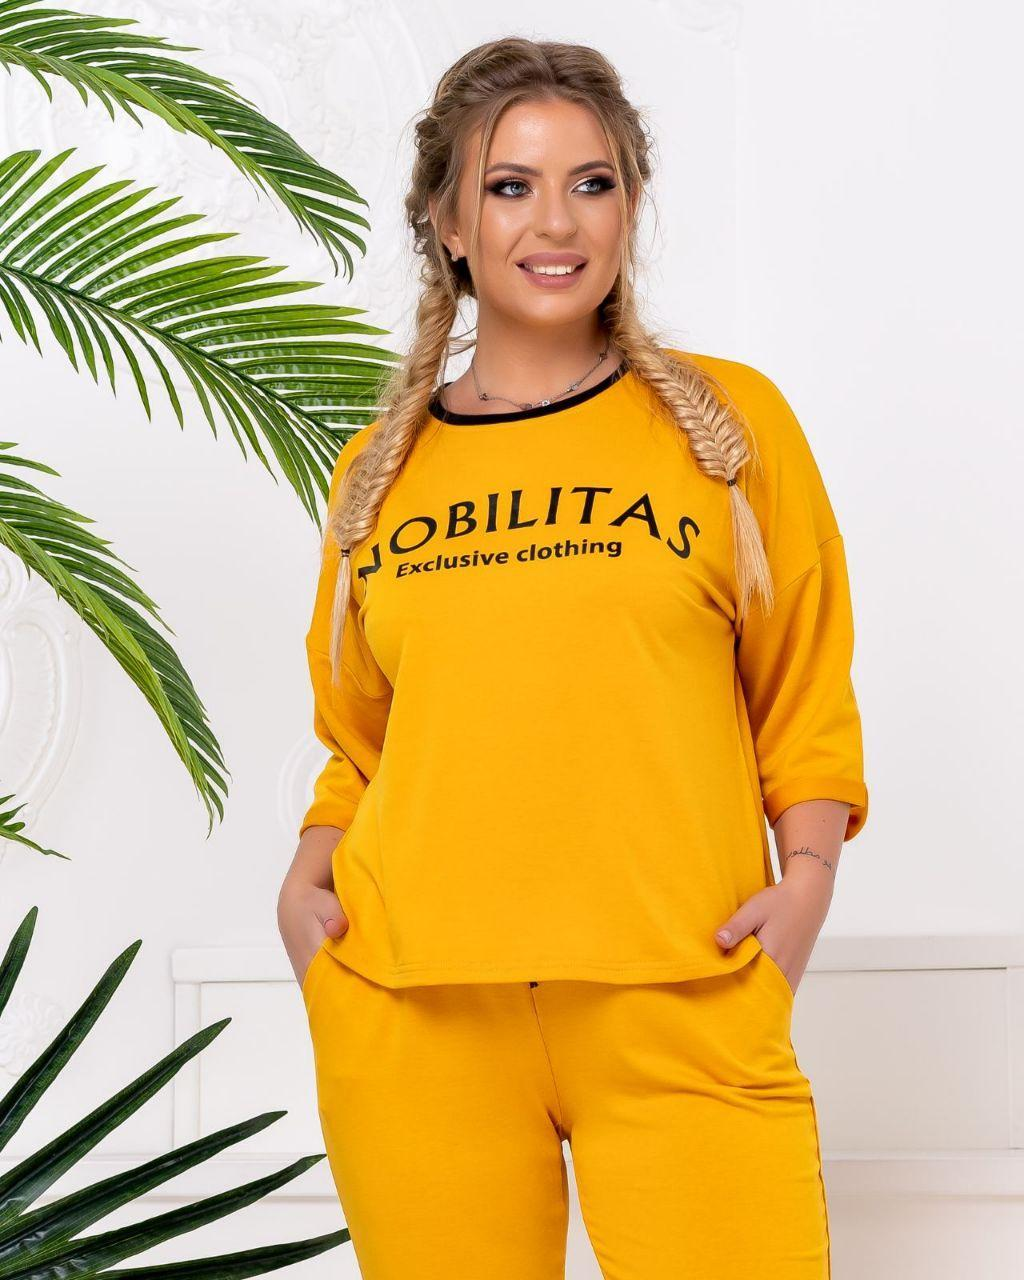 Спортивный костюм женский батал NOBILITAS 50 - 60 горчица трикотаж (арт. 20027)